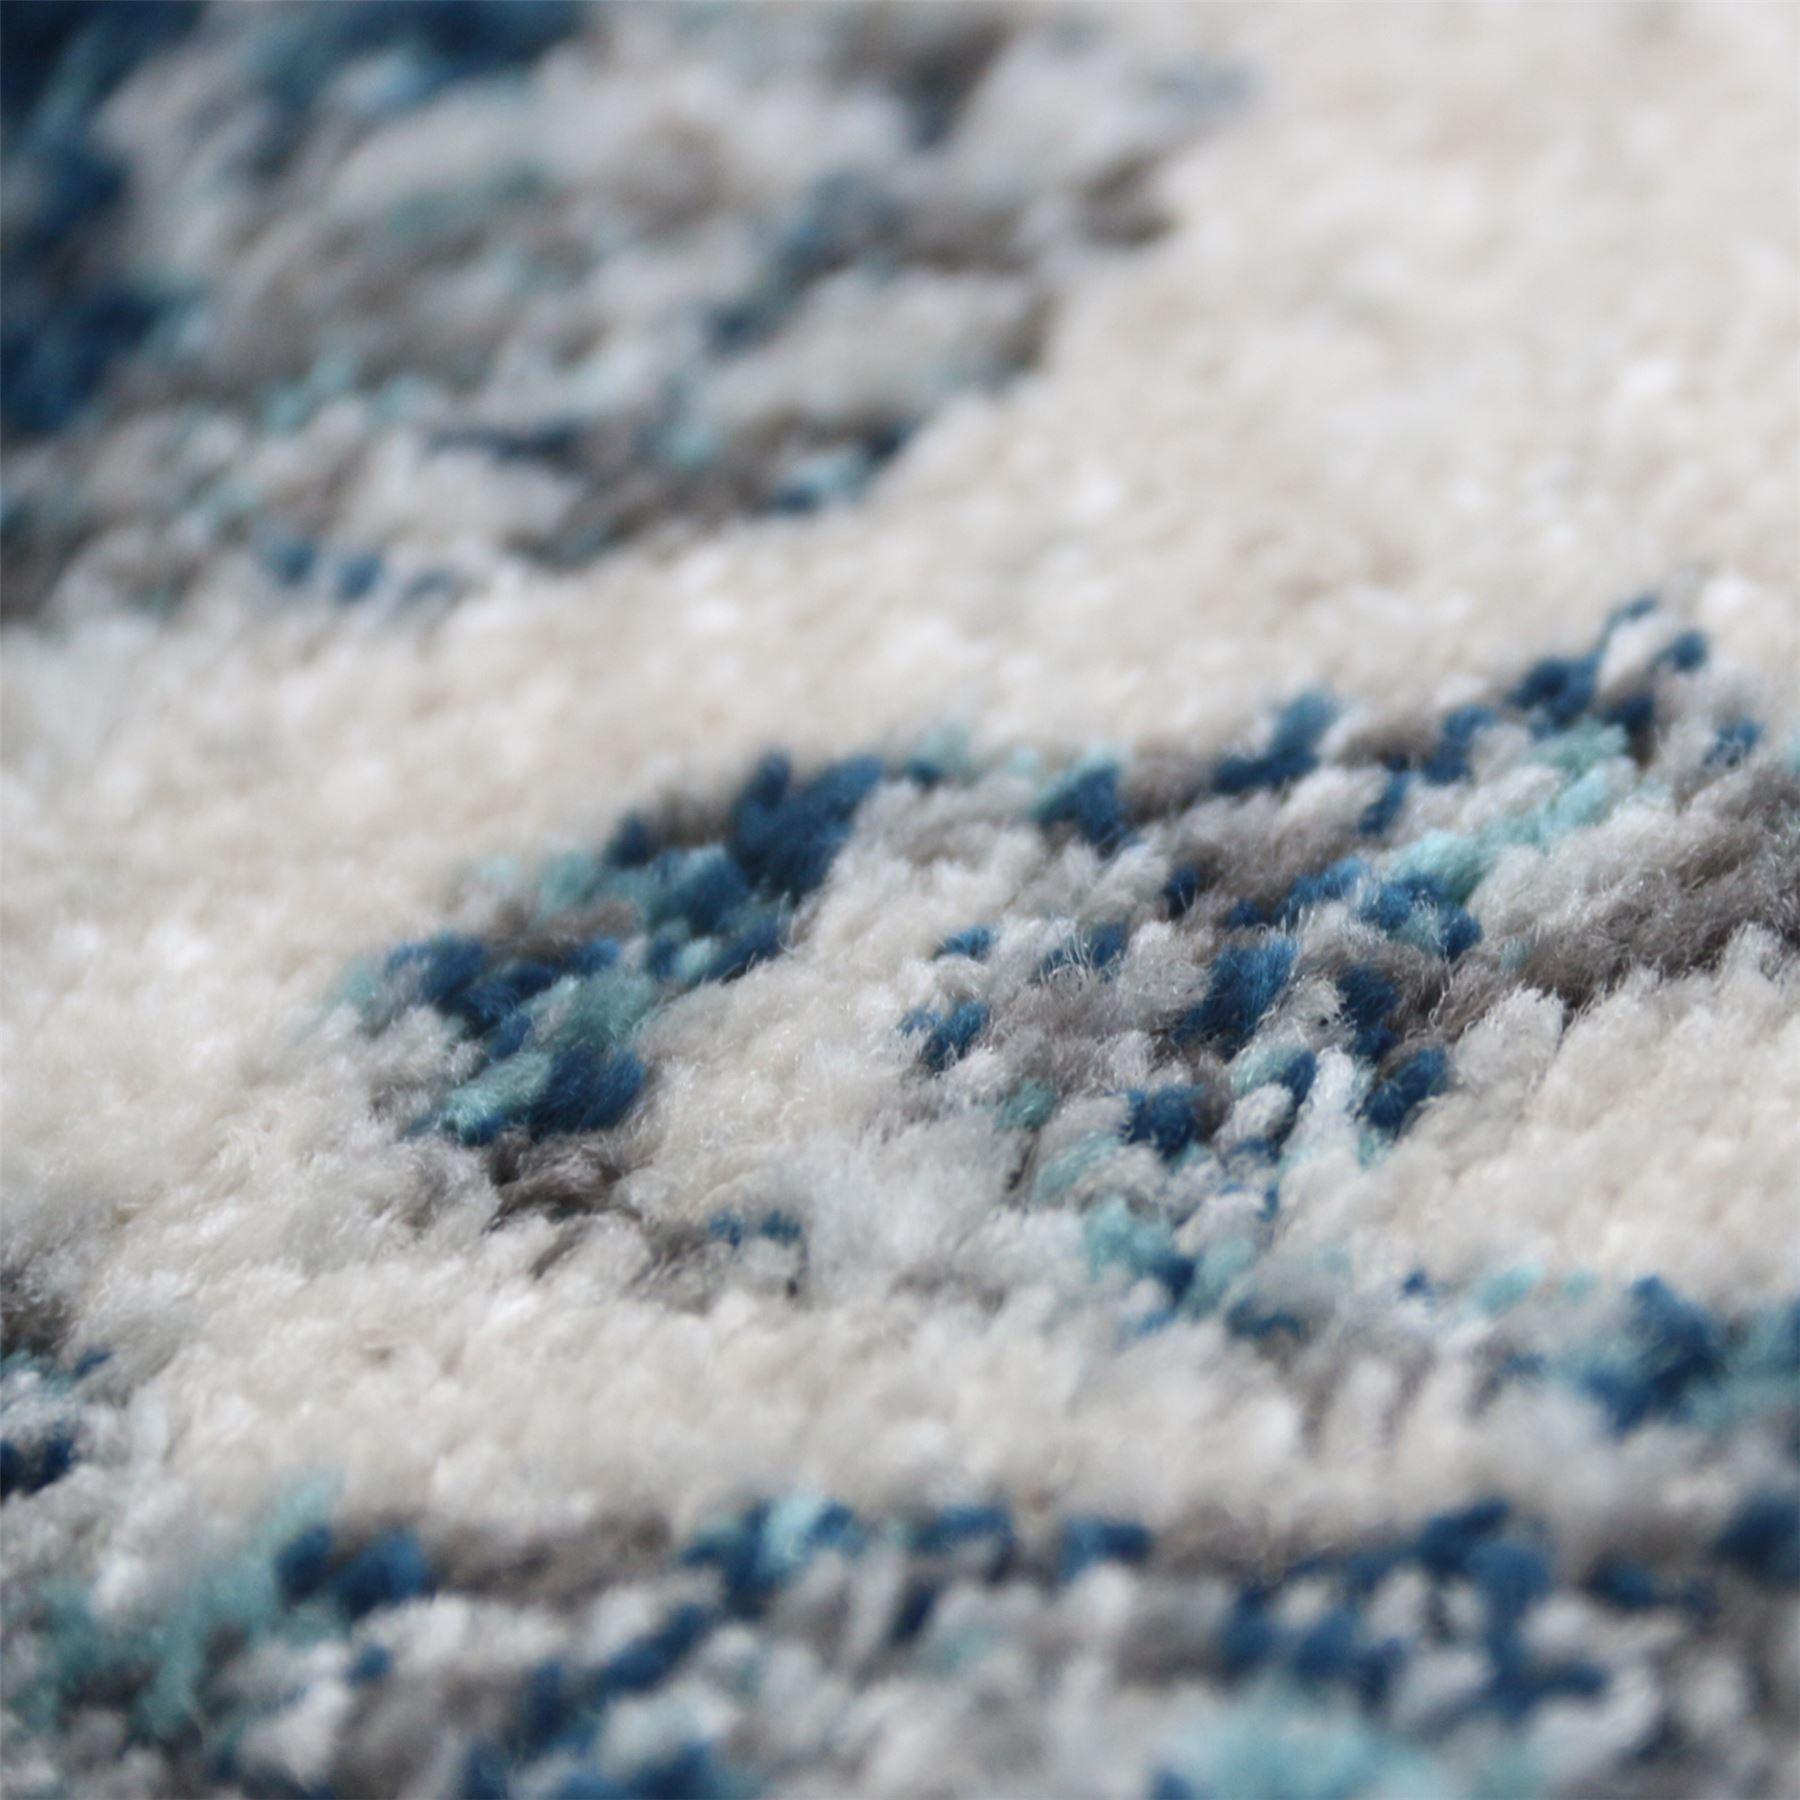 Crema-Tappeto-Oriental-Design-Tappeti-Persiani-salotto-TAPPETINI-tappeti-orientali miniatura 7